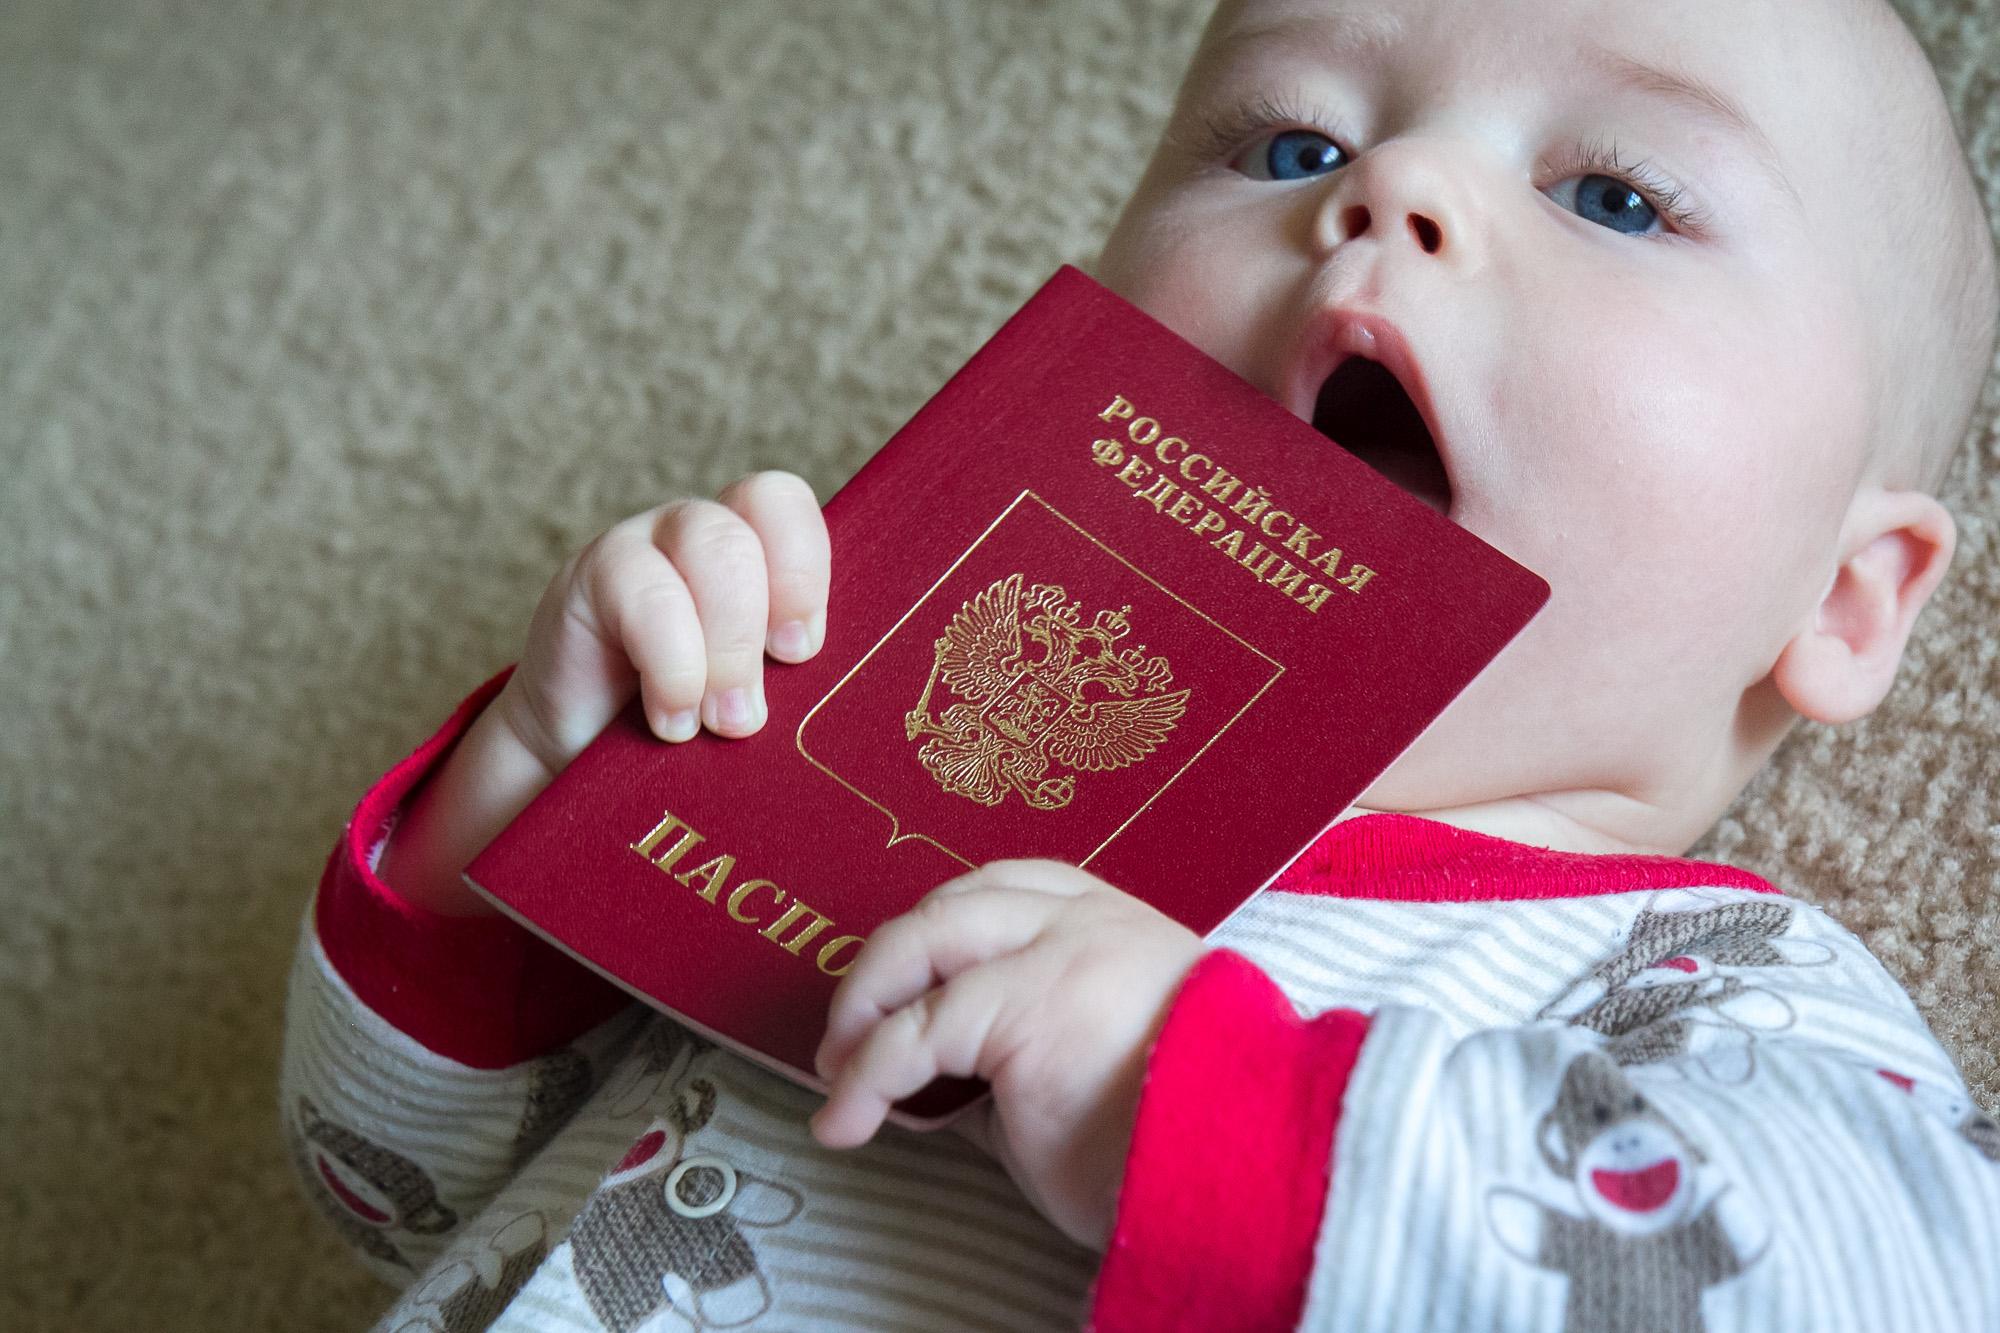 Грудничок держит свой первый загранпаспорт